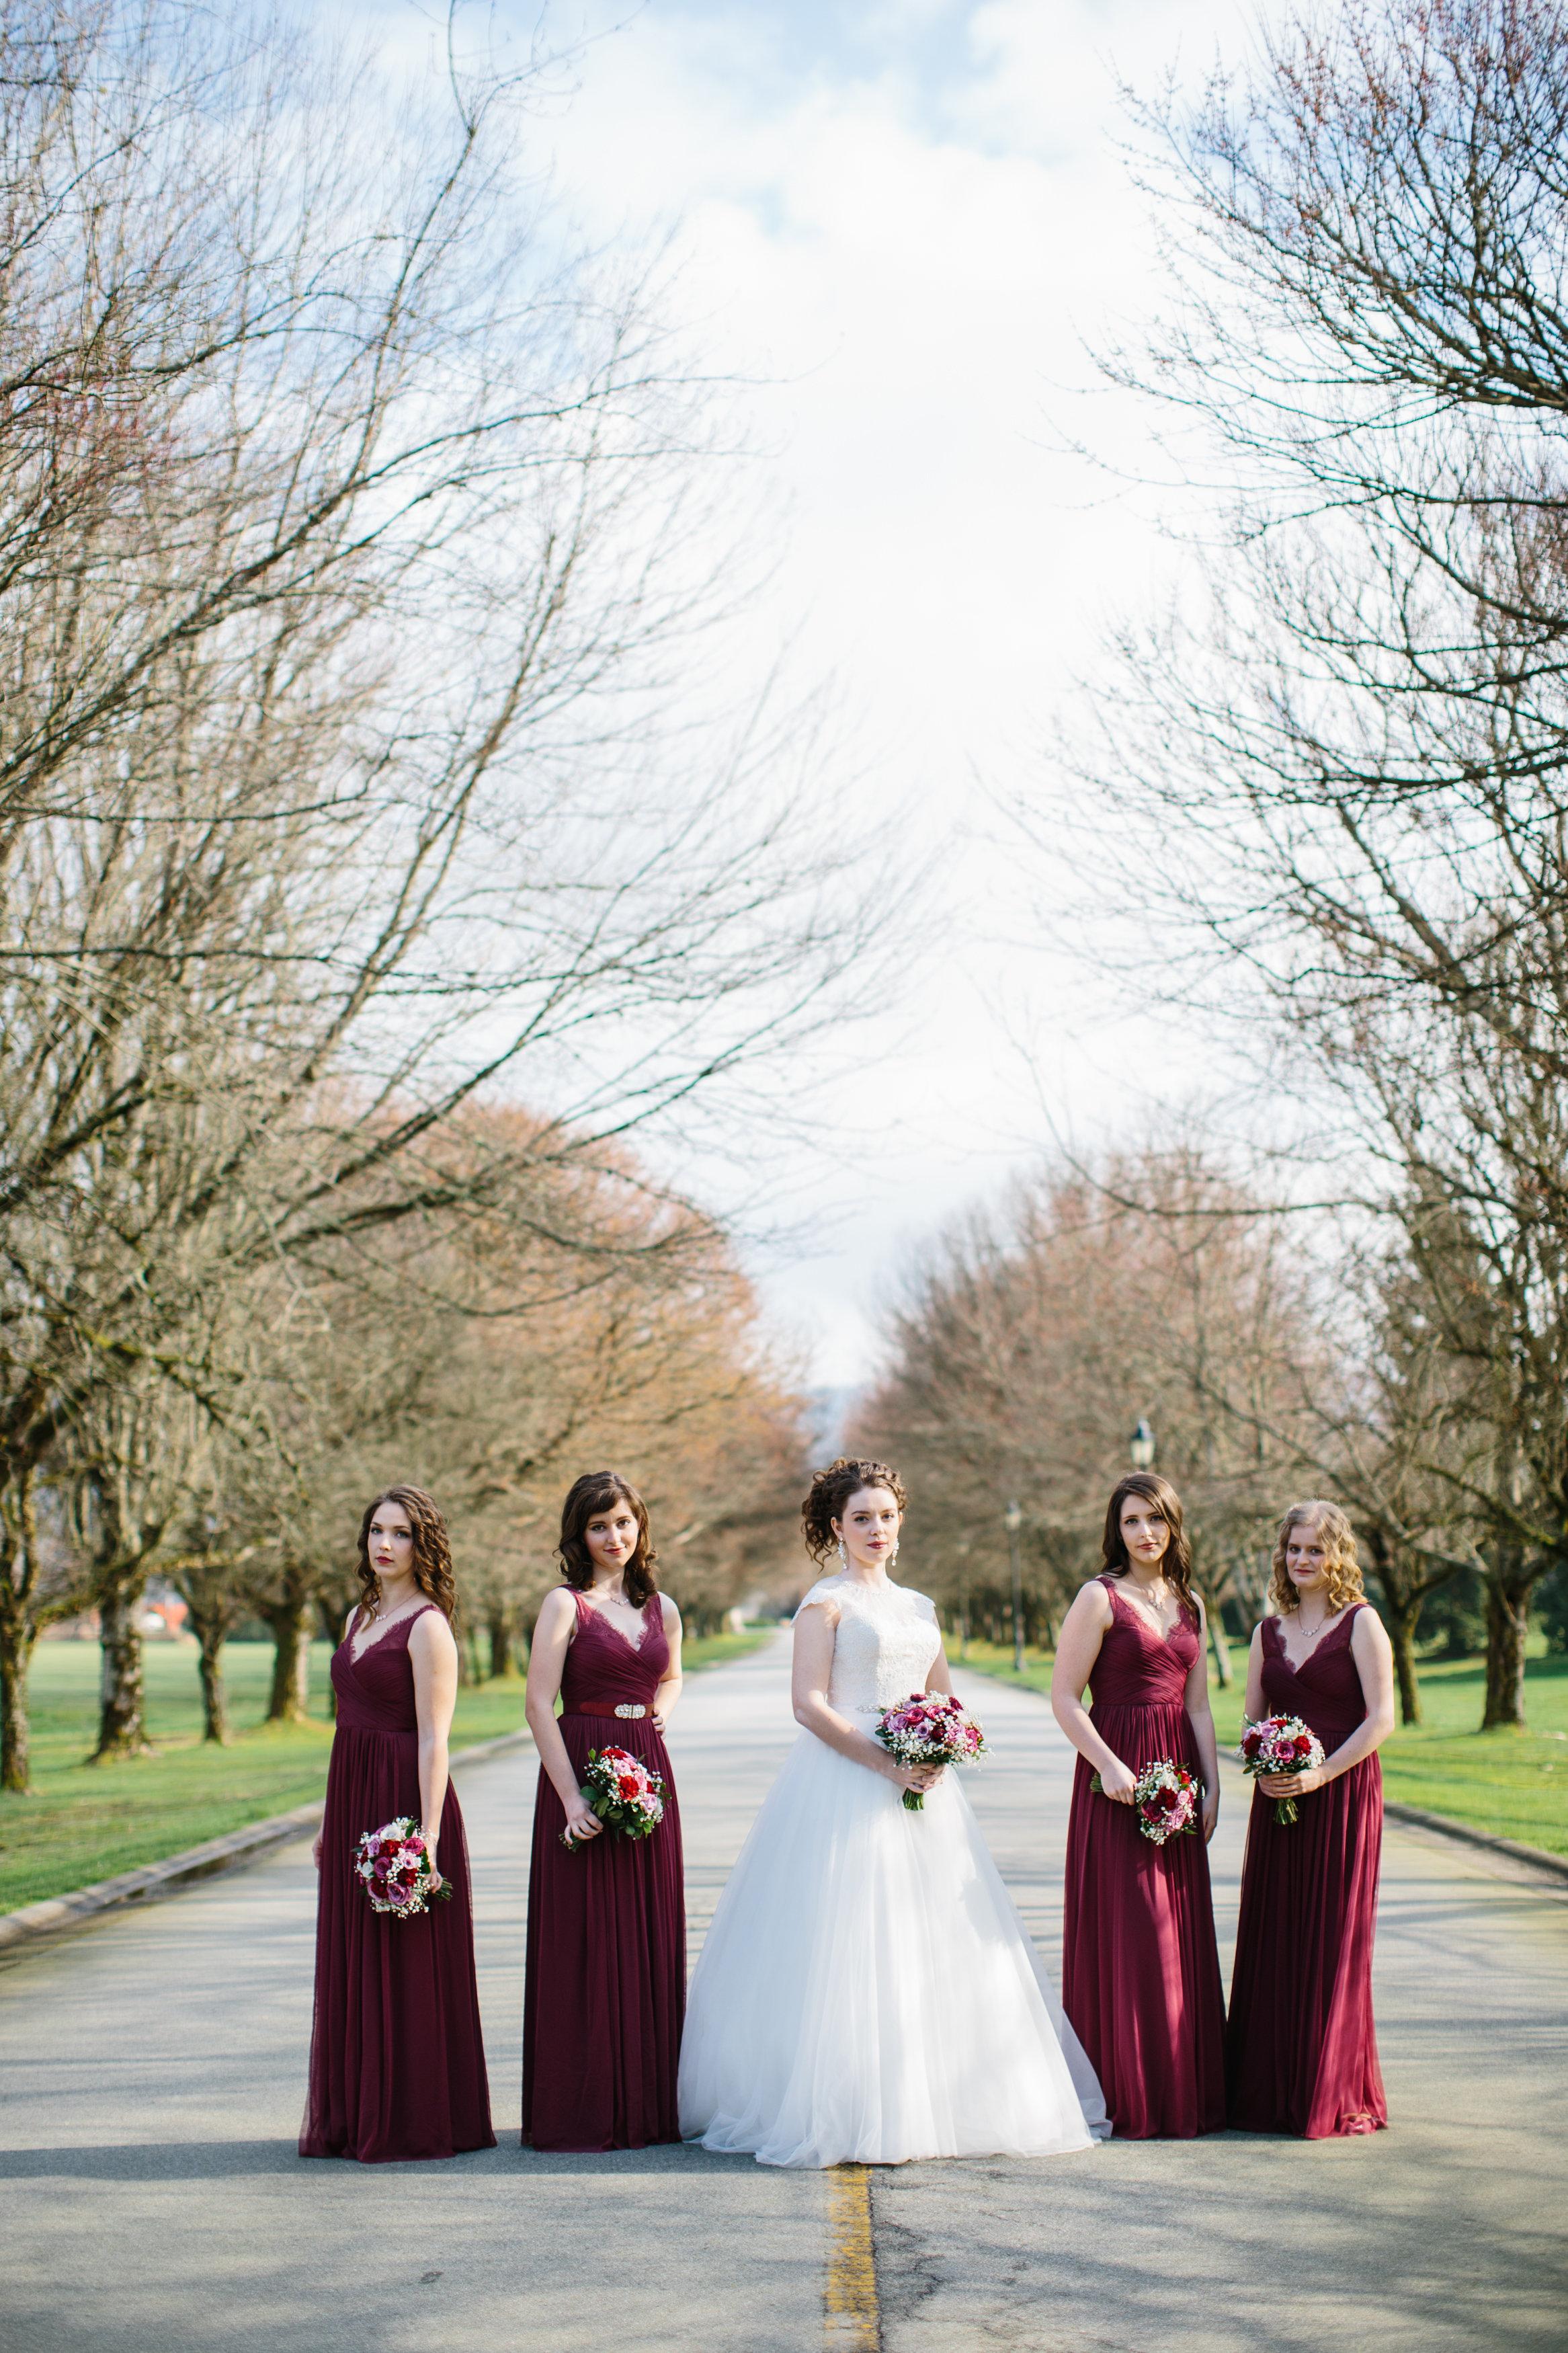 Tim Rachel-Wedding Highlights-0082.jpg